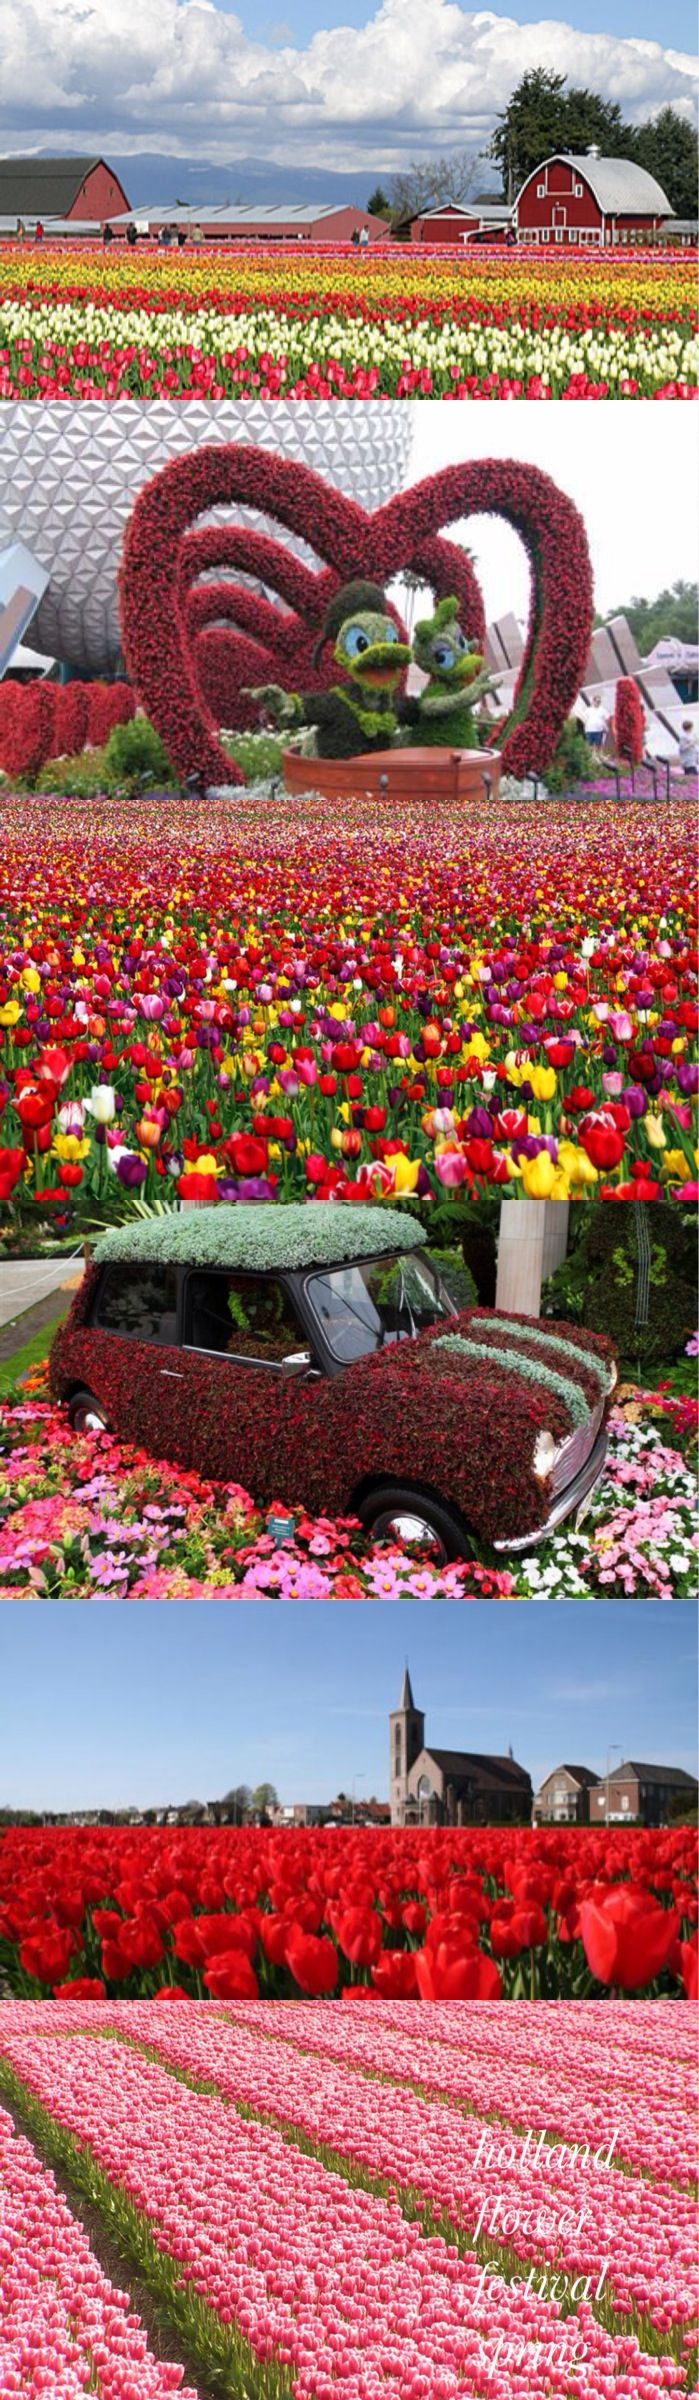 flower festival spring Holland